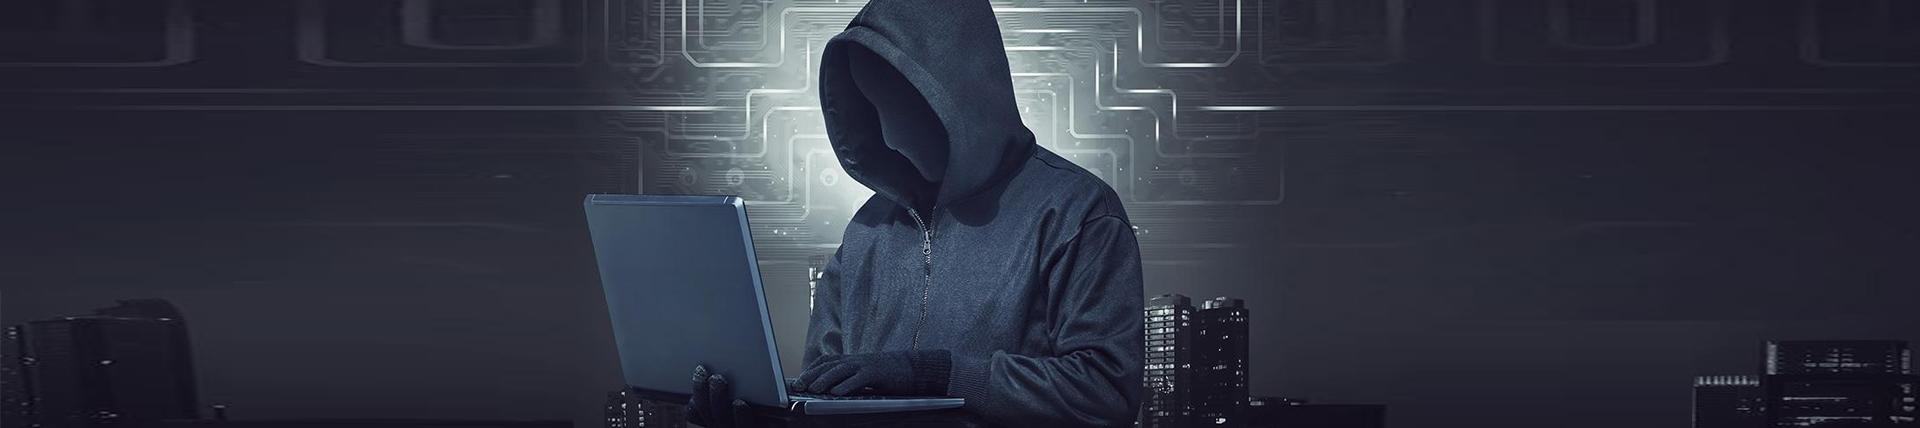 细微差异致使2字母.com被盗,几百万的资产差点飞了!